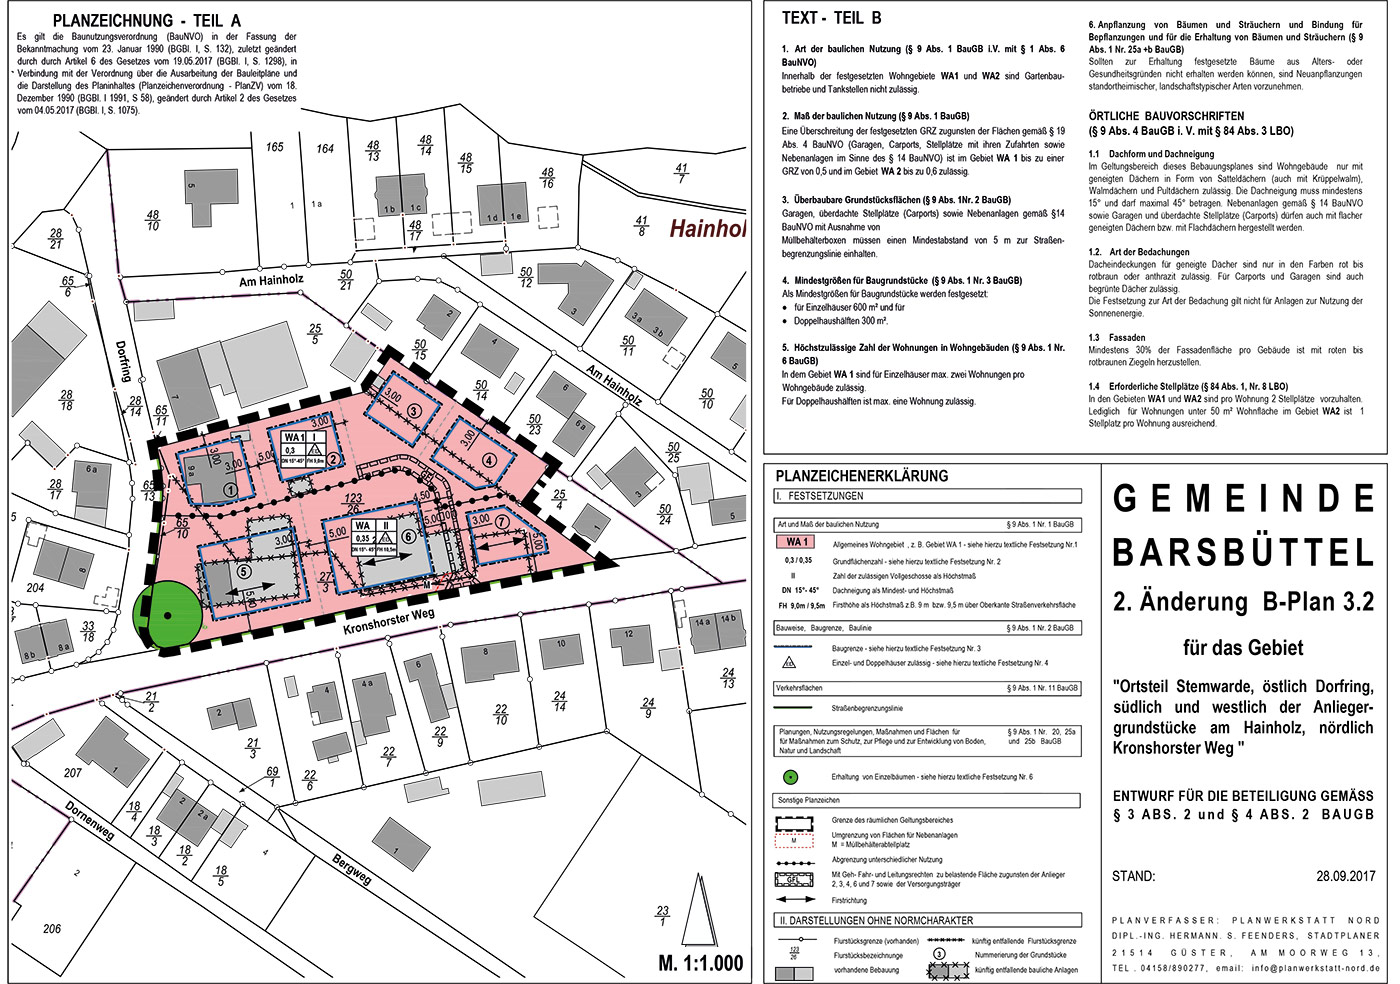 Planzeichnung Baugebiet Barsbüttel - Bauland 24